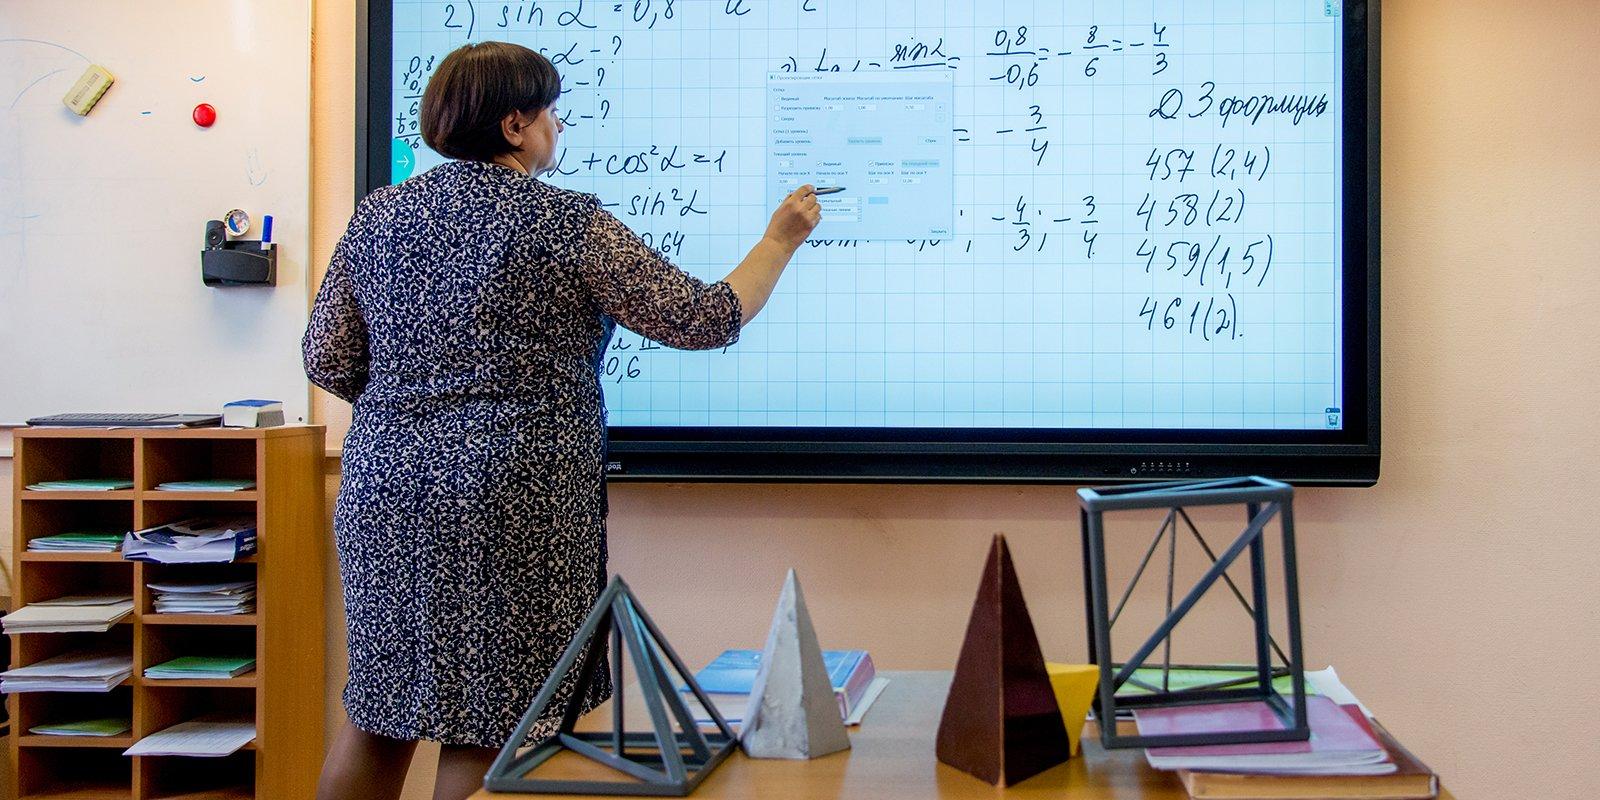 Более 1,6 тысячи грантов за вклад в развитие «Московской электронной школы» получили учителя в 2020 году